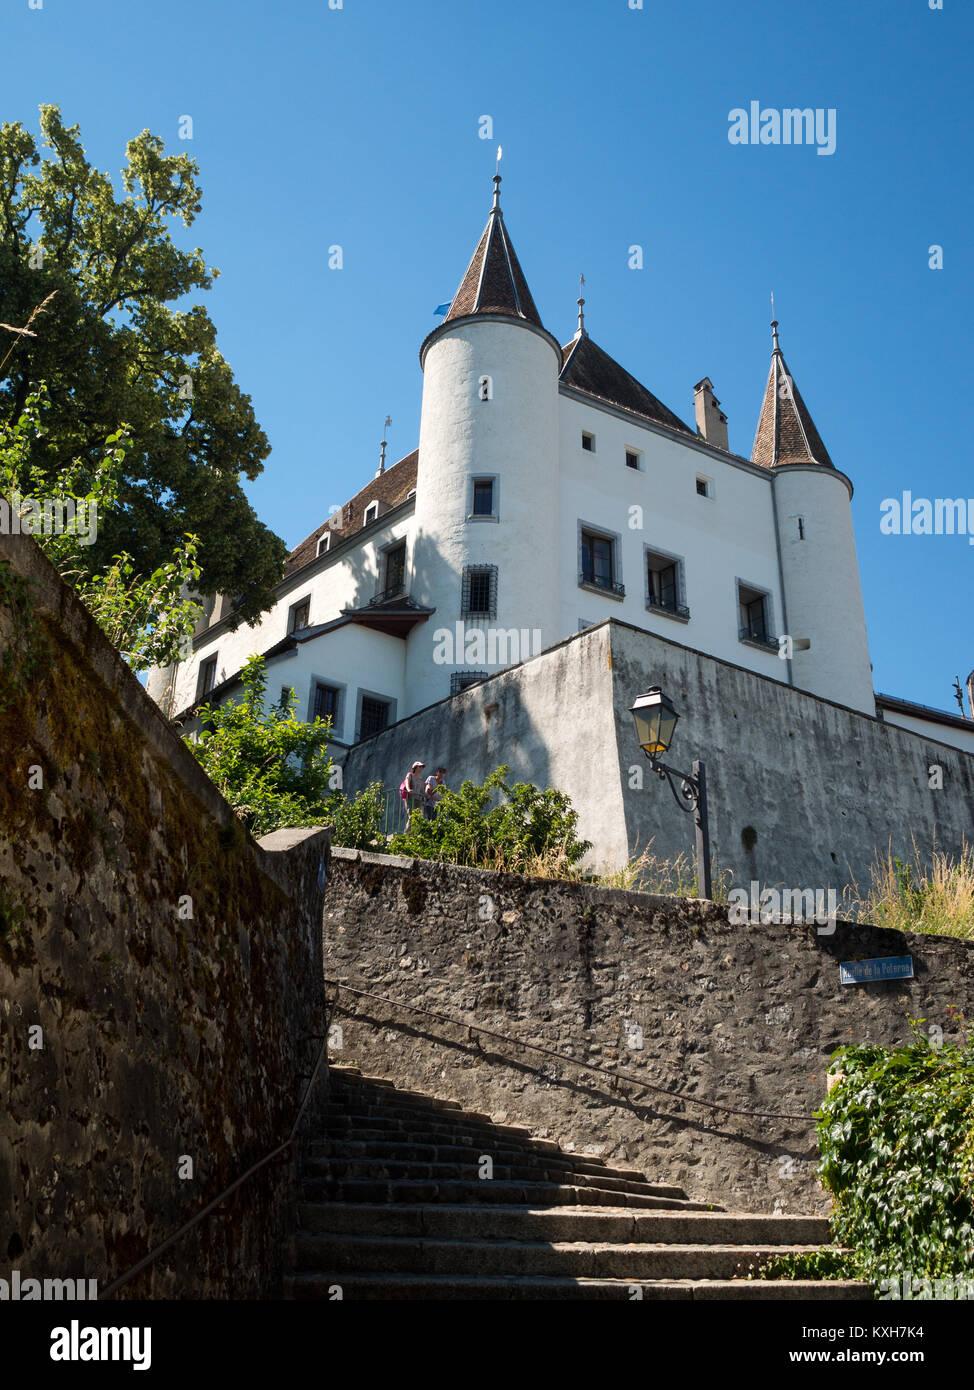 Chateau de Nyon - Stock Image